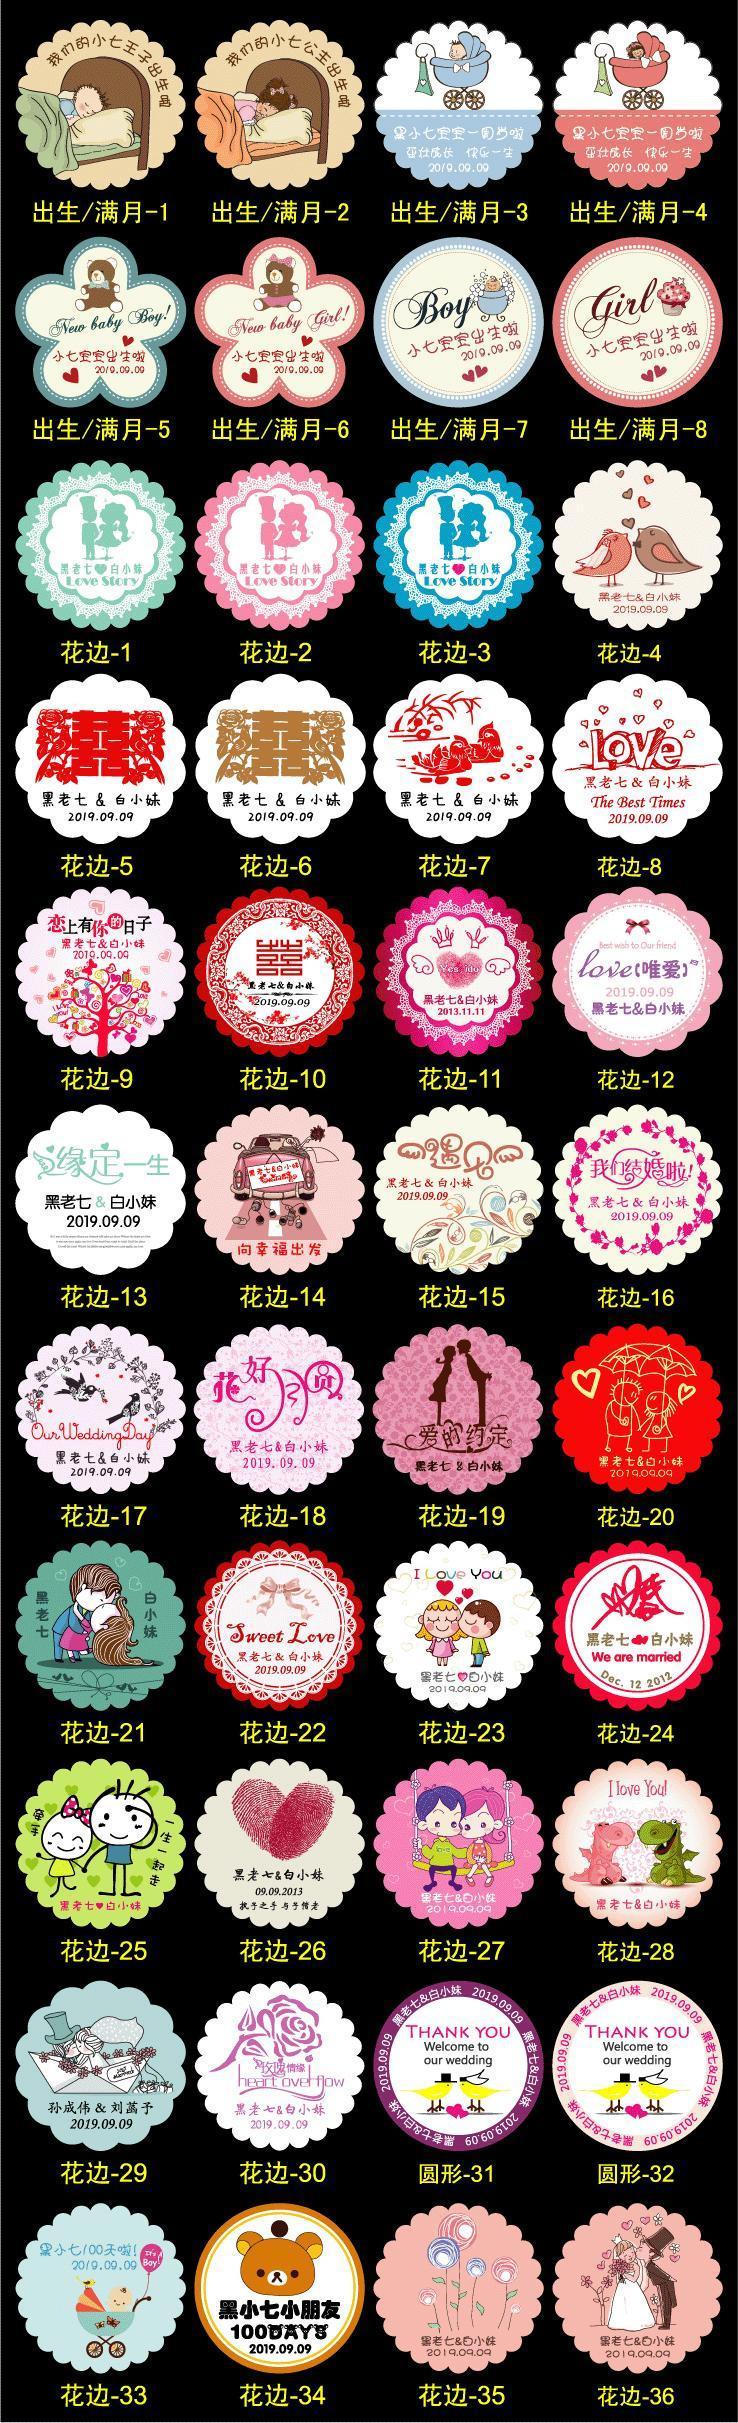 80MMX 60MM personnalisé mariage amour est doux étiquettes autocollants faveurs couleur